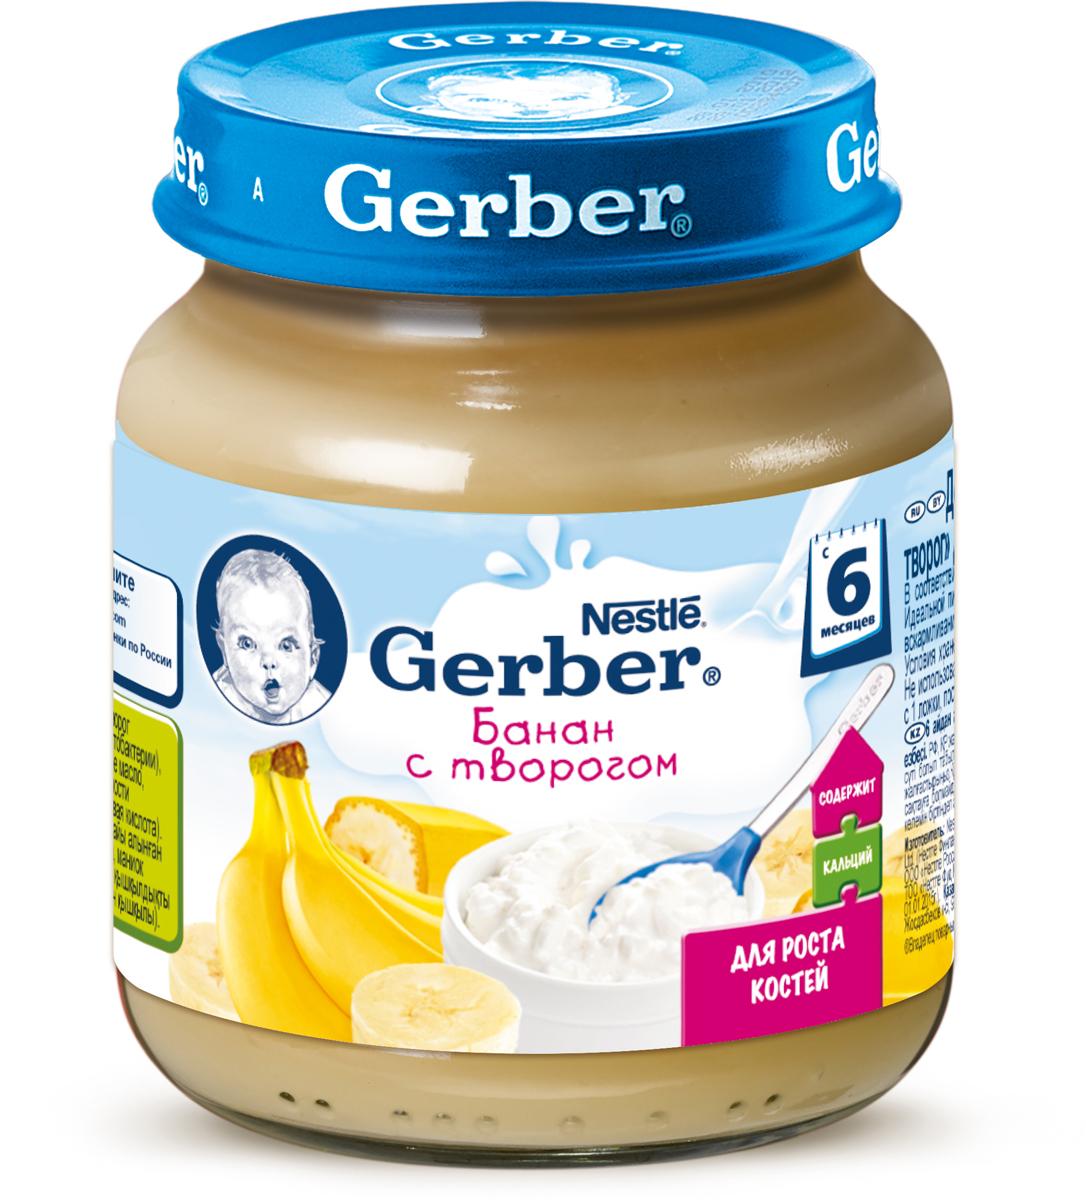 Gerber пюре банан с творогом, с 6 месяцев, 125 г gerber пюре груши вильямс с 4 месяцев 12 шт по 80 г